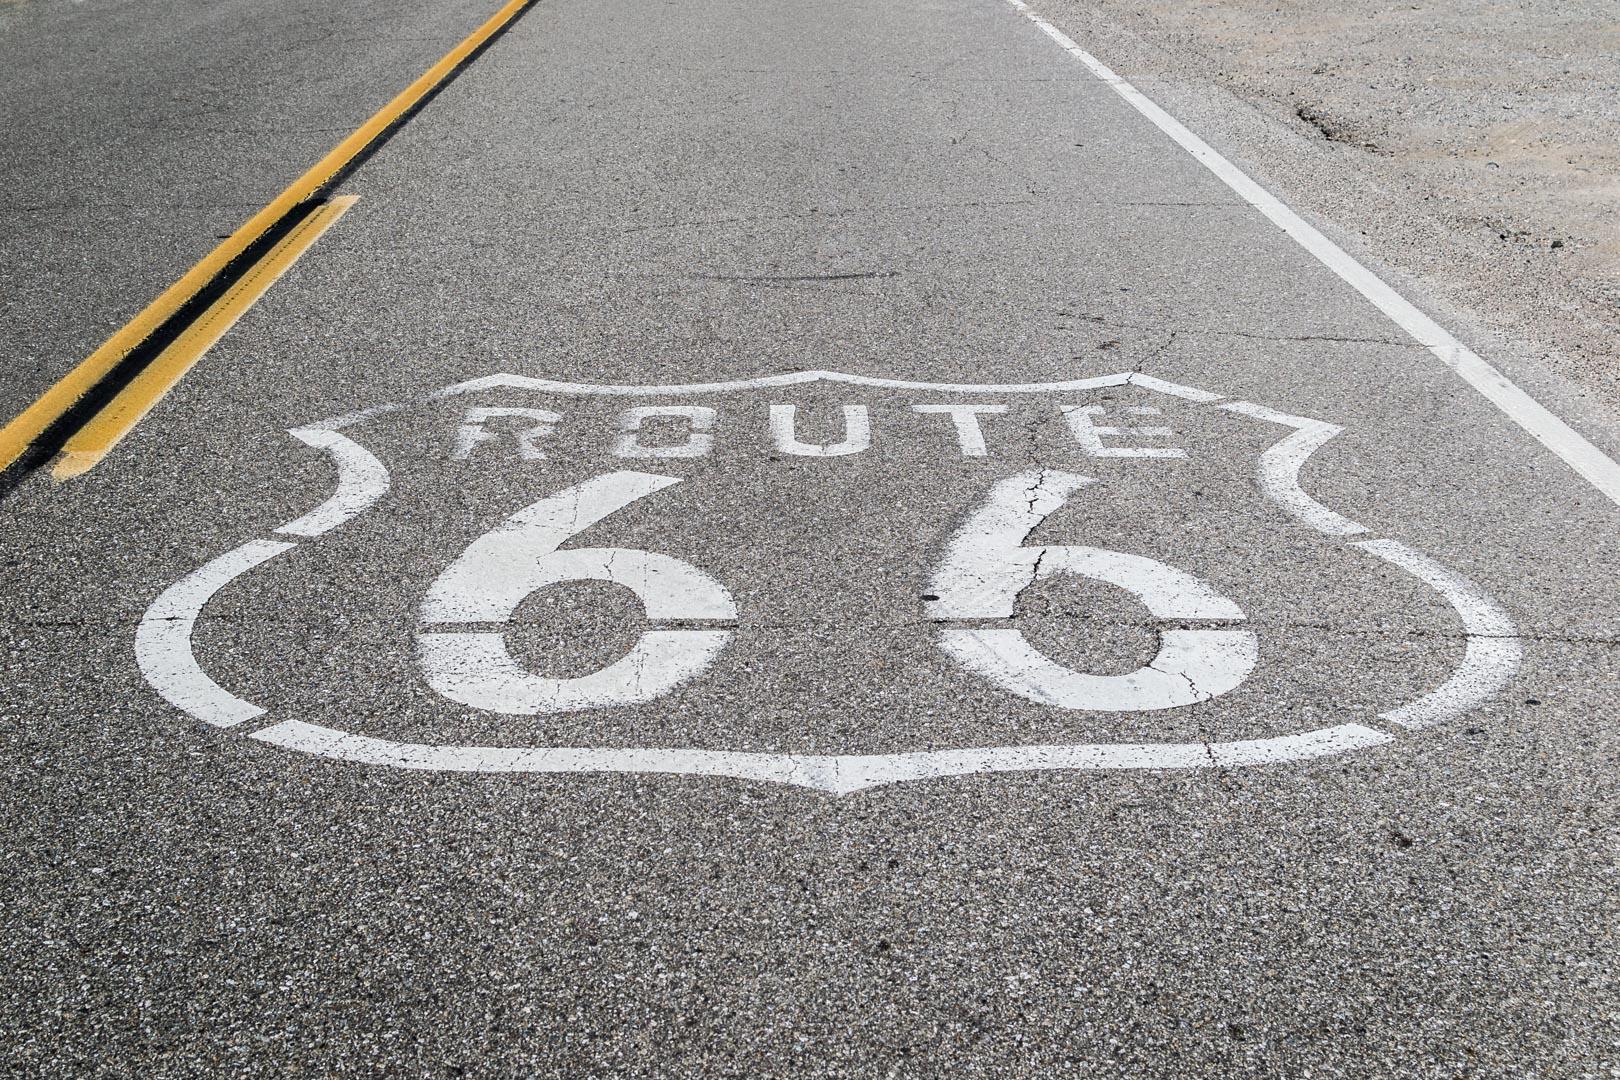 La mythique Route 66 ! Difficile de passer à côté